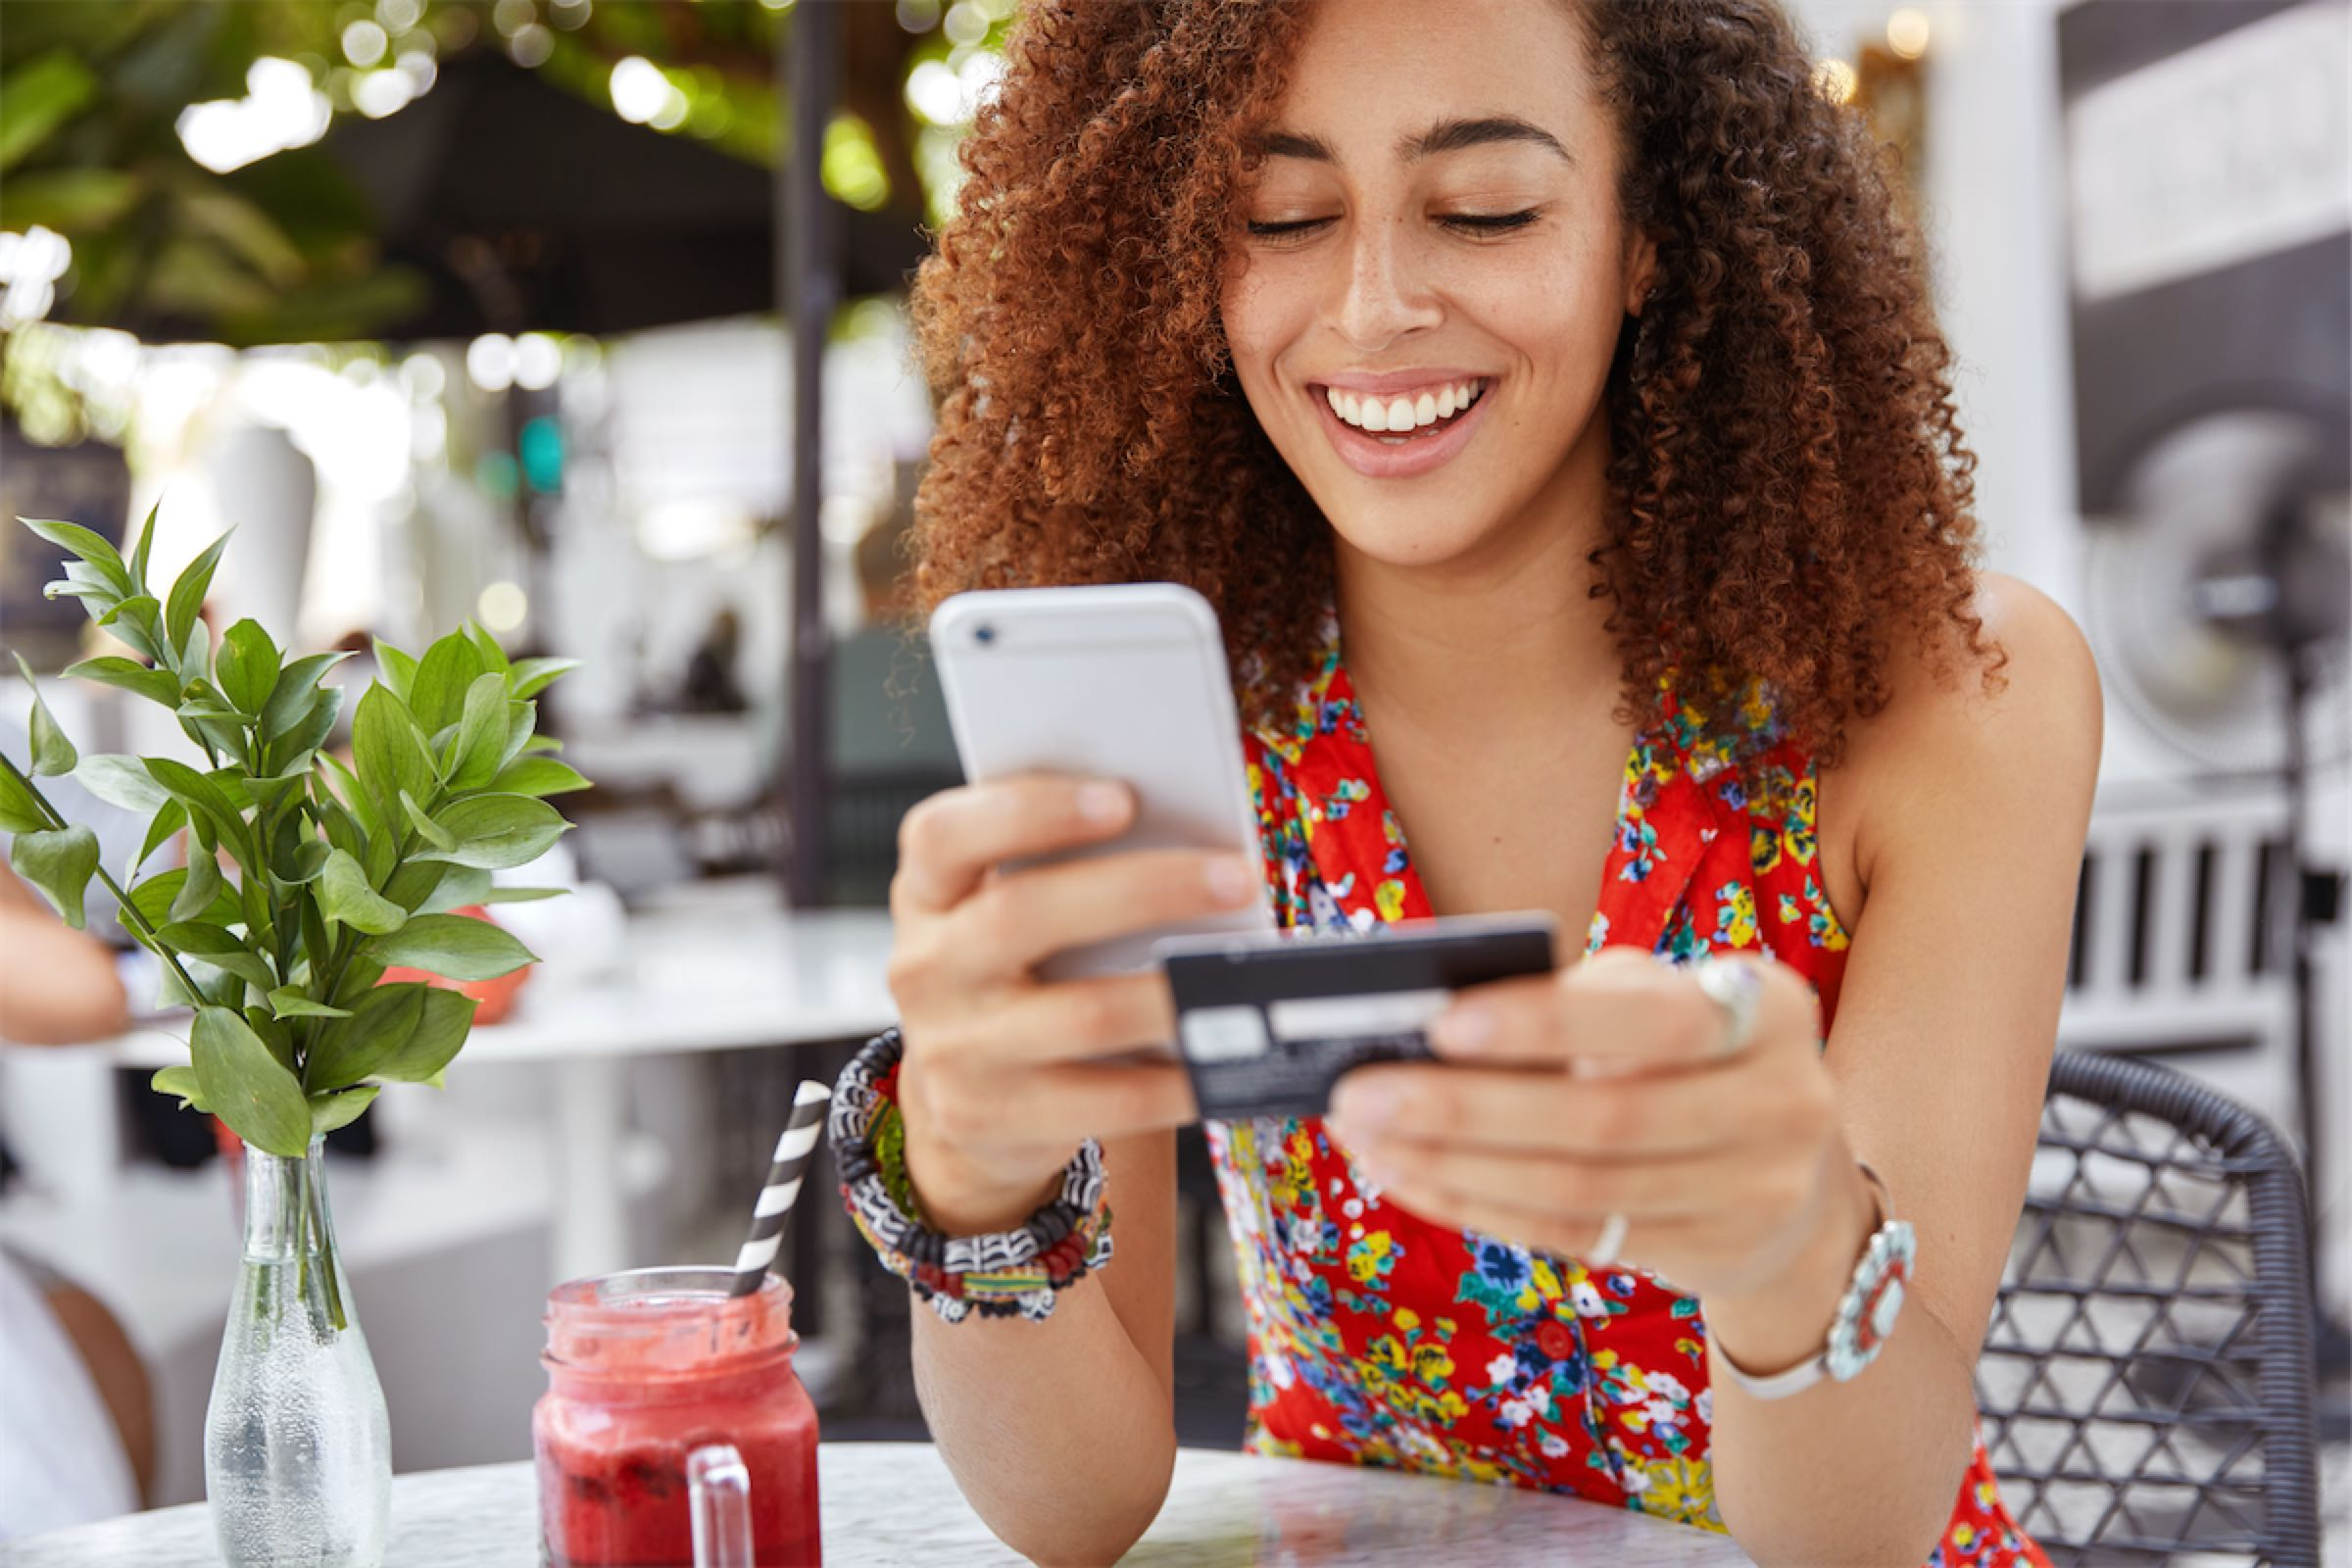 paiement sécurisé via mobile